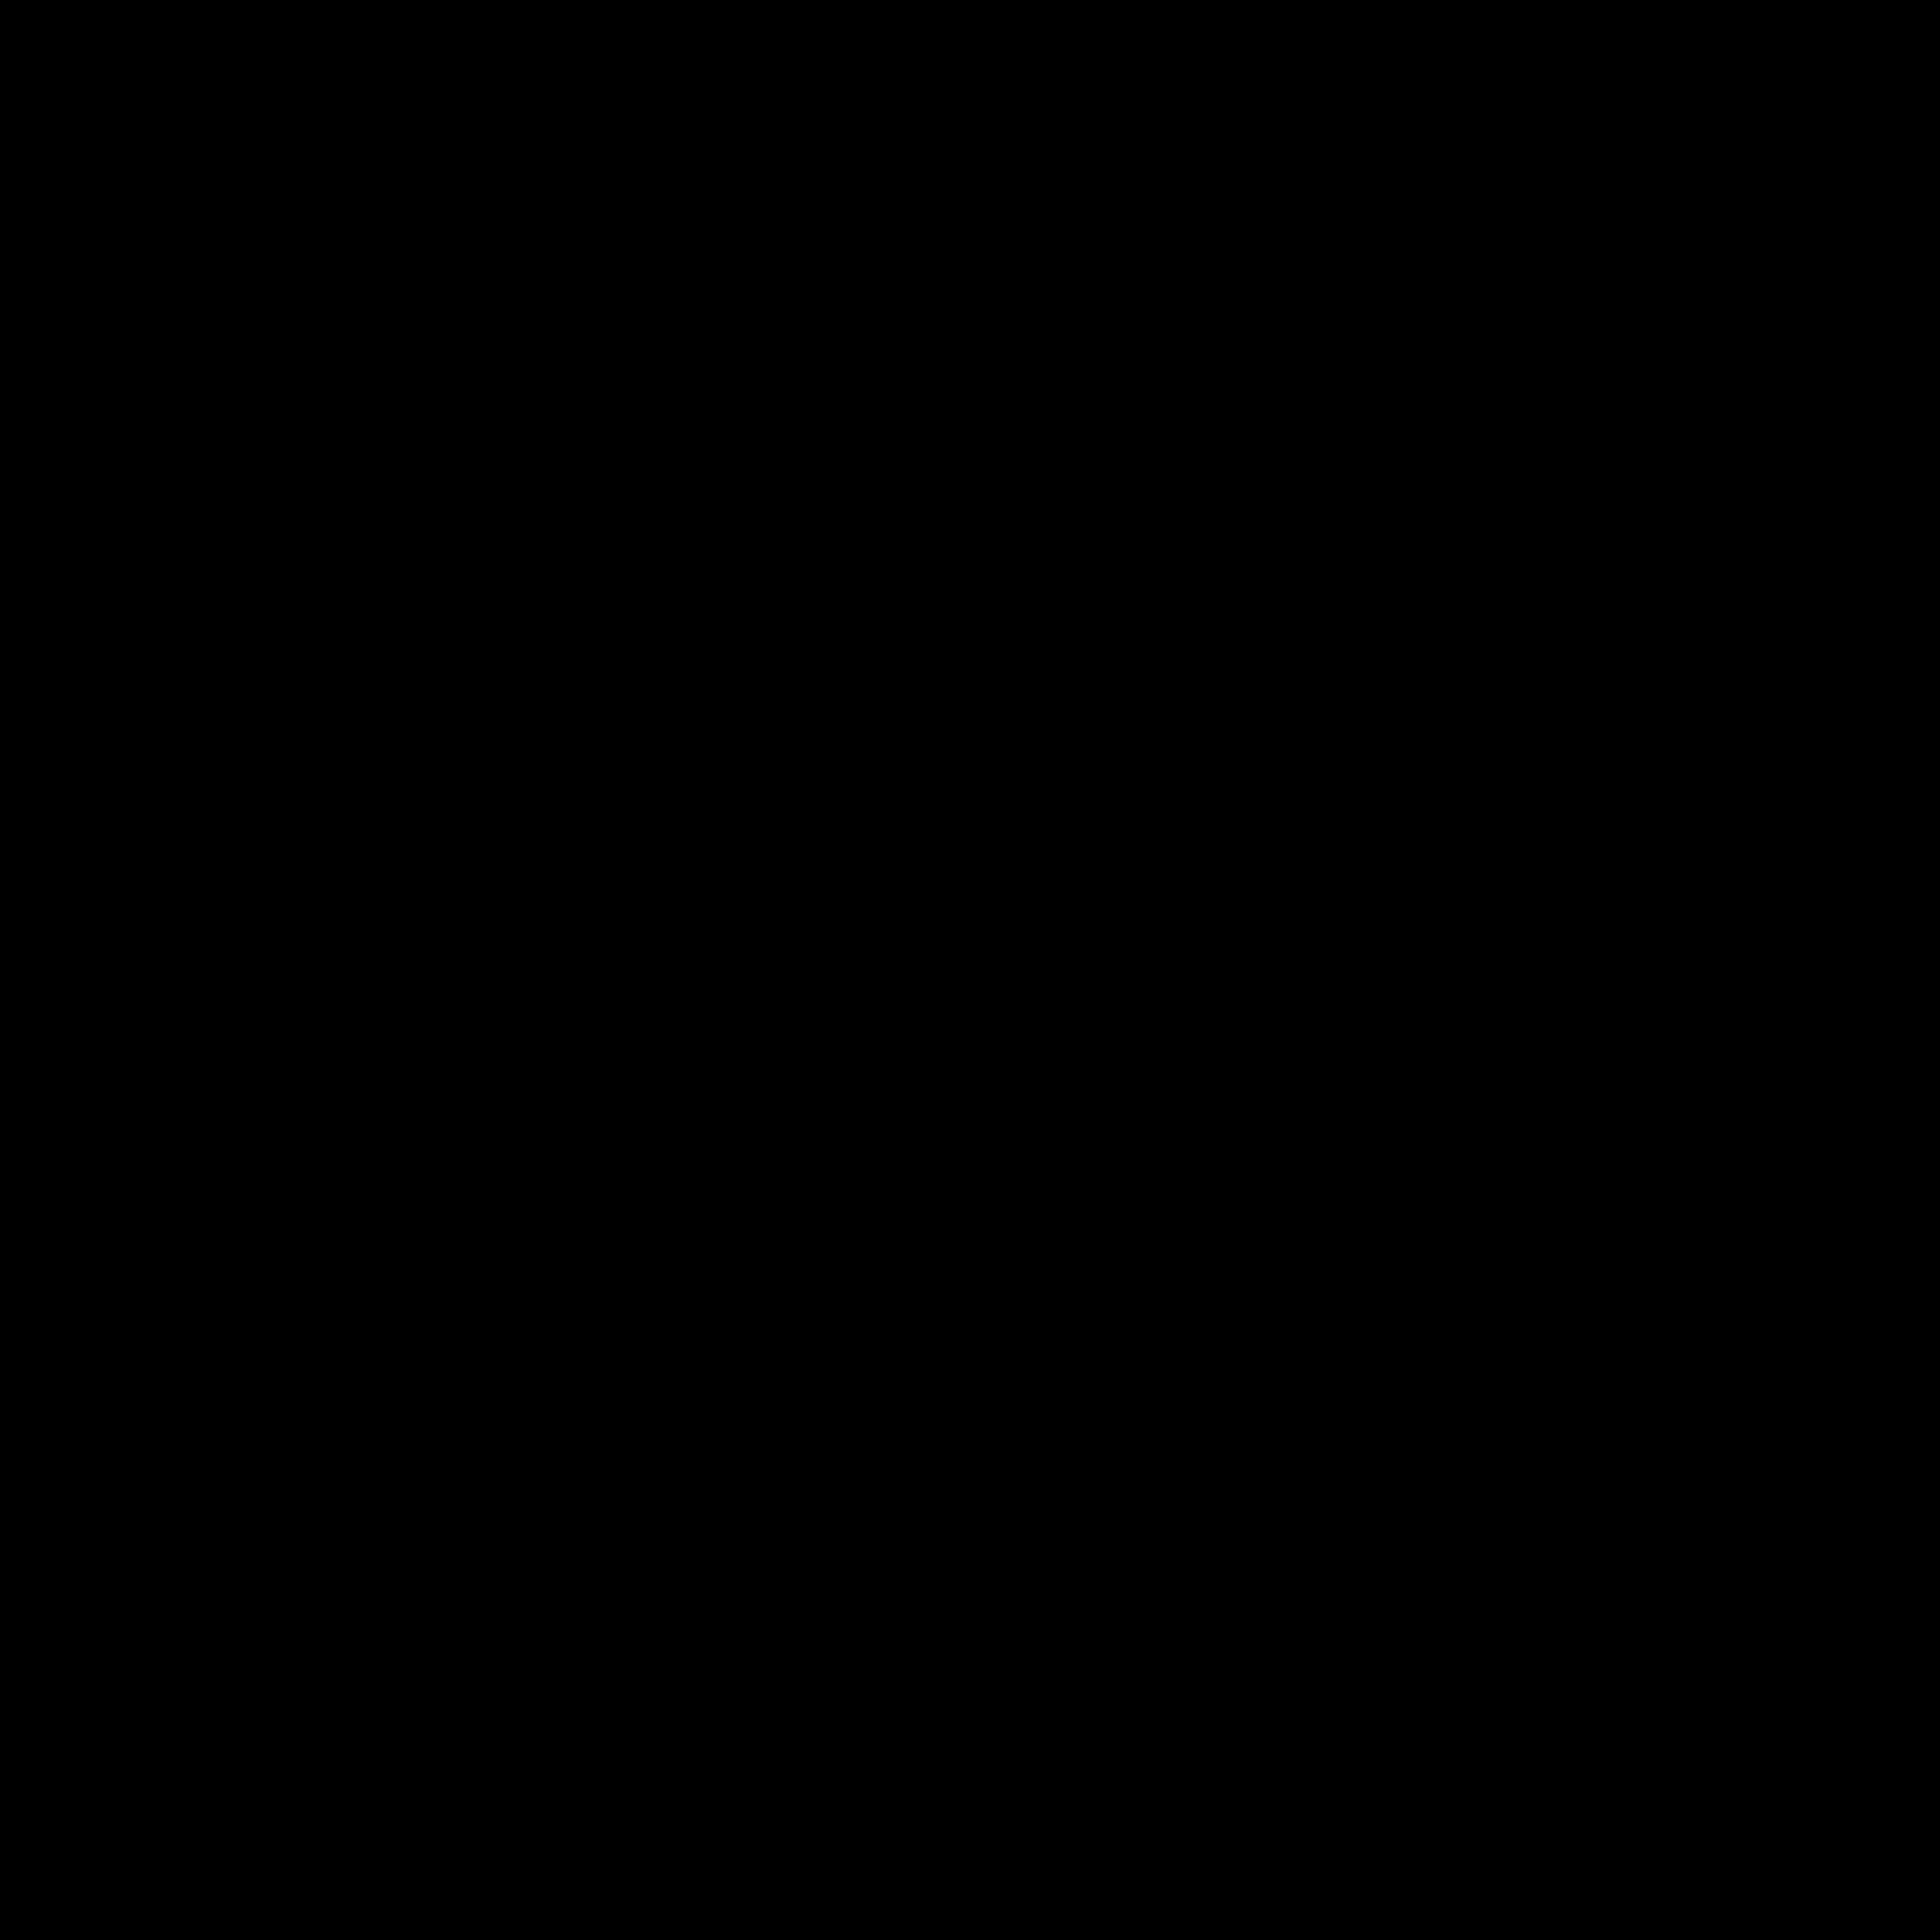 05A2105 Pepper & salt shaker set/2